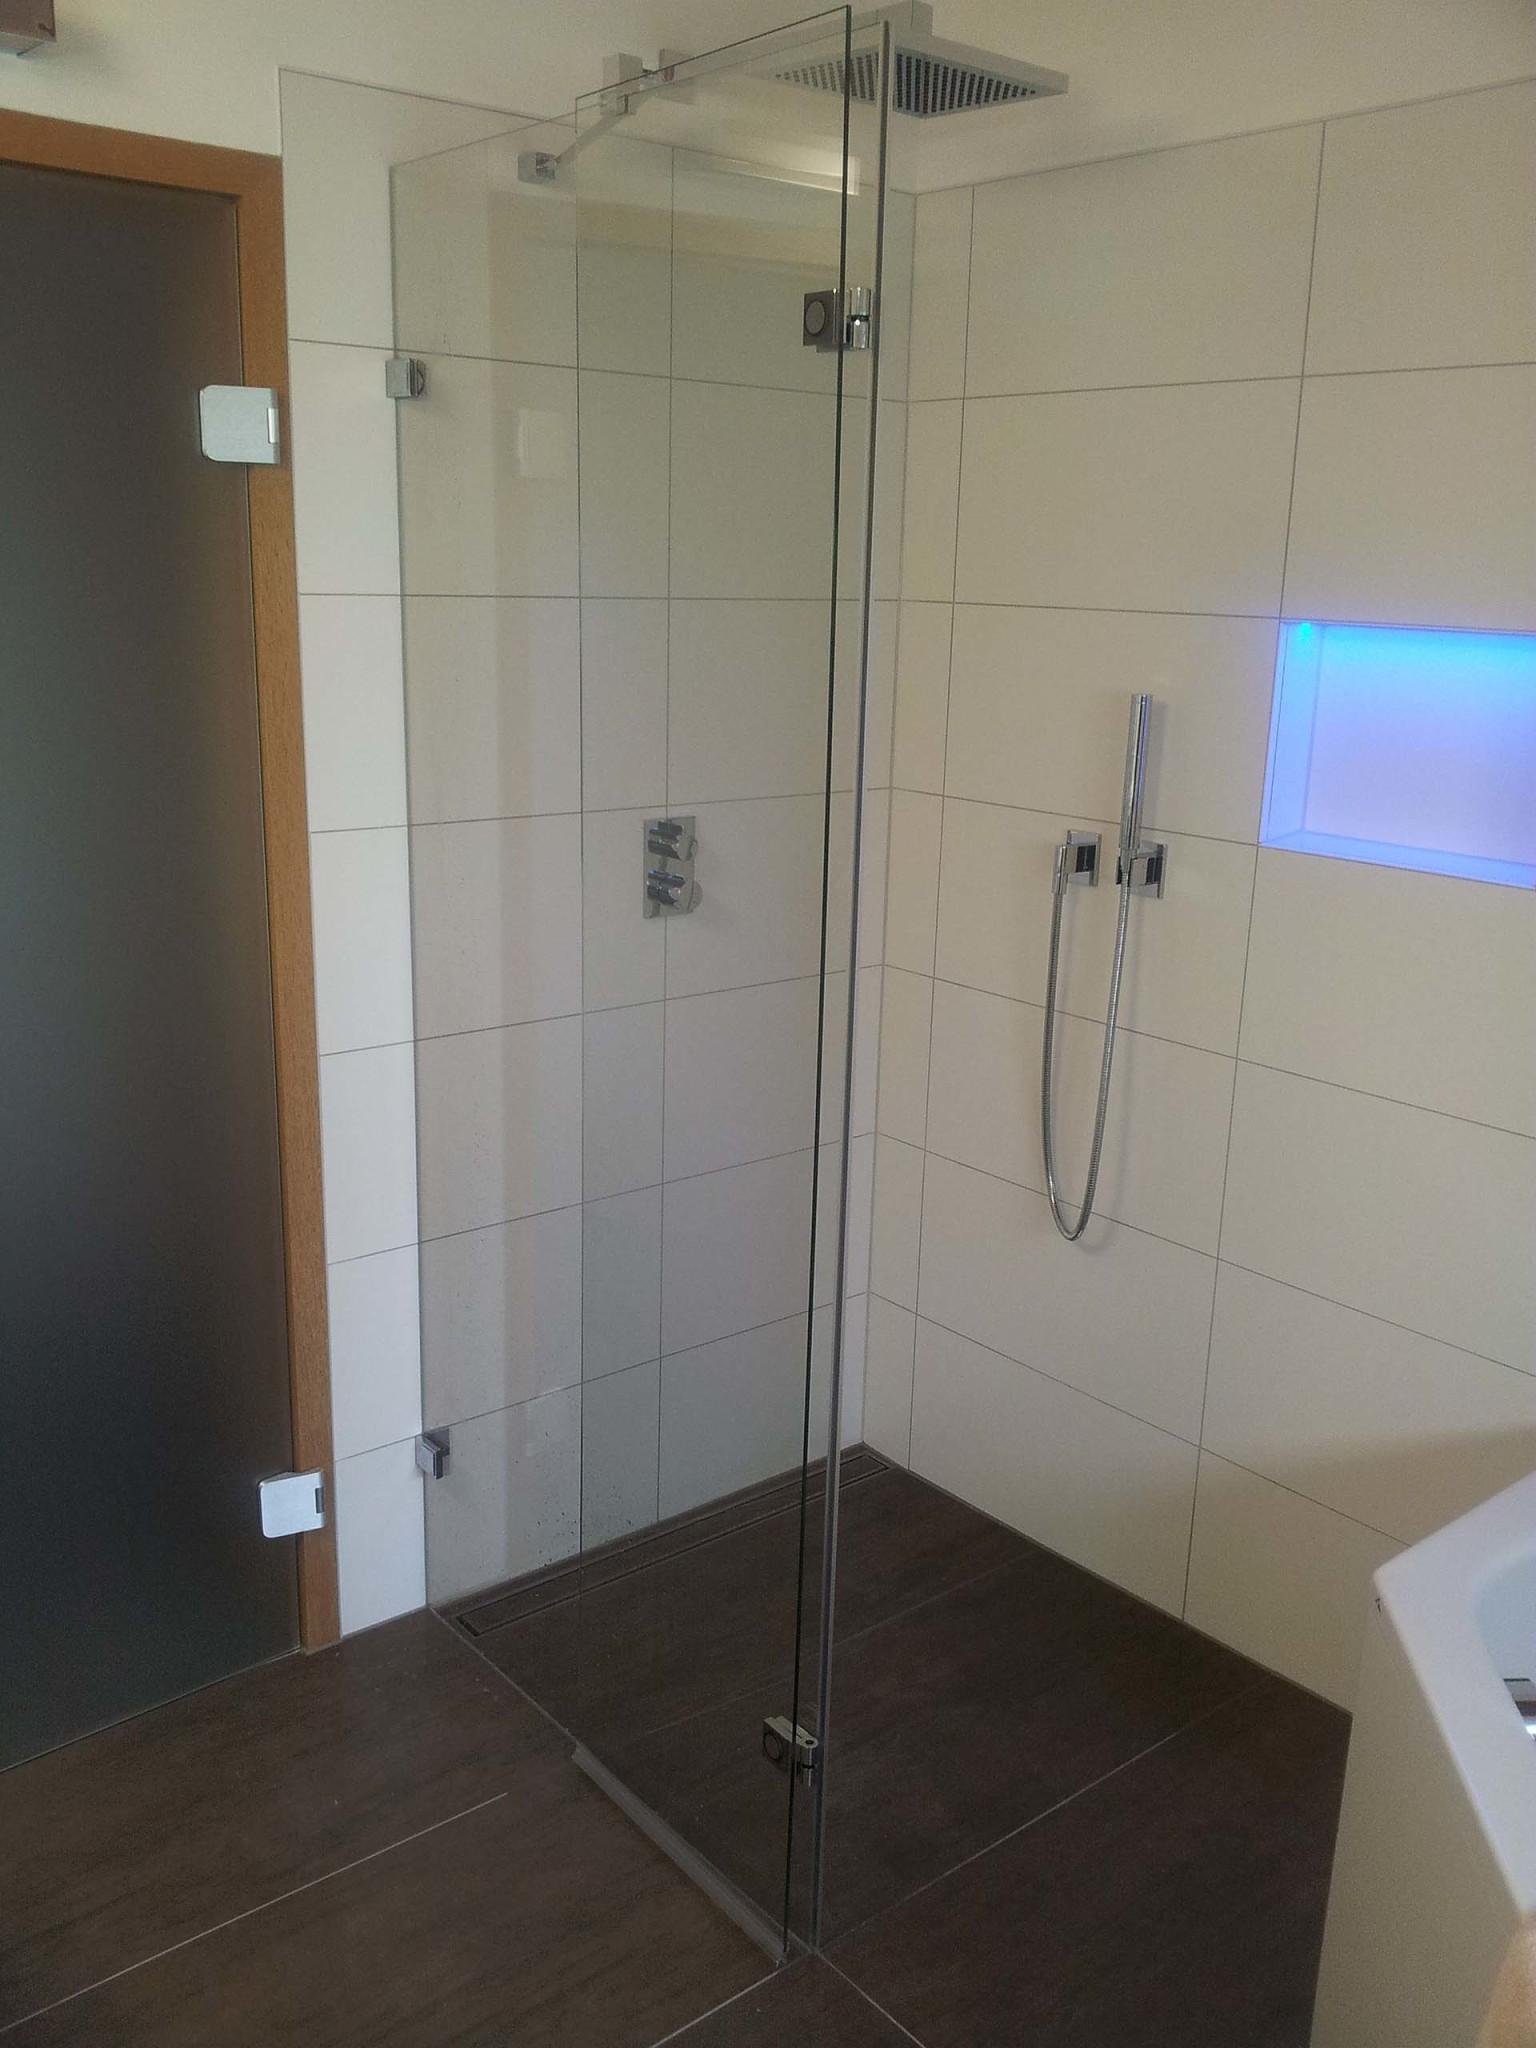 Walk In Dusche mit schmaler Türe zum nach aussen wegklappen